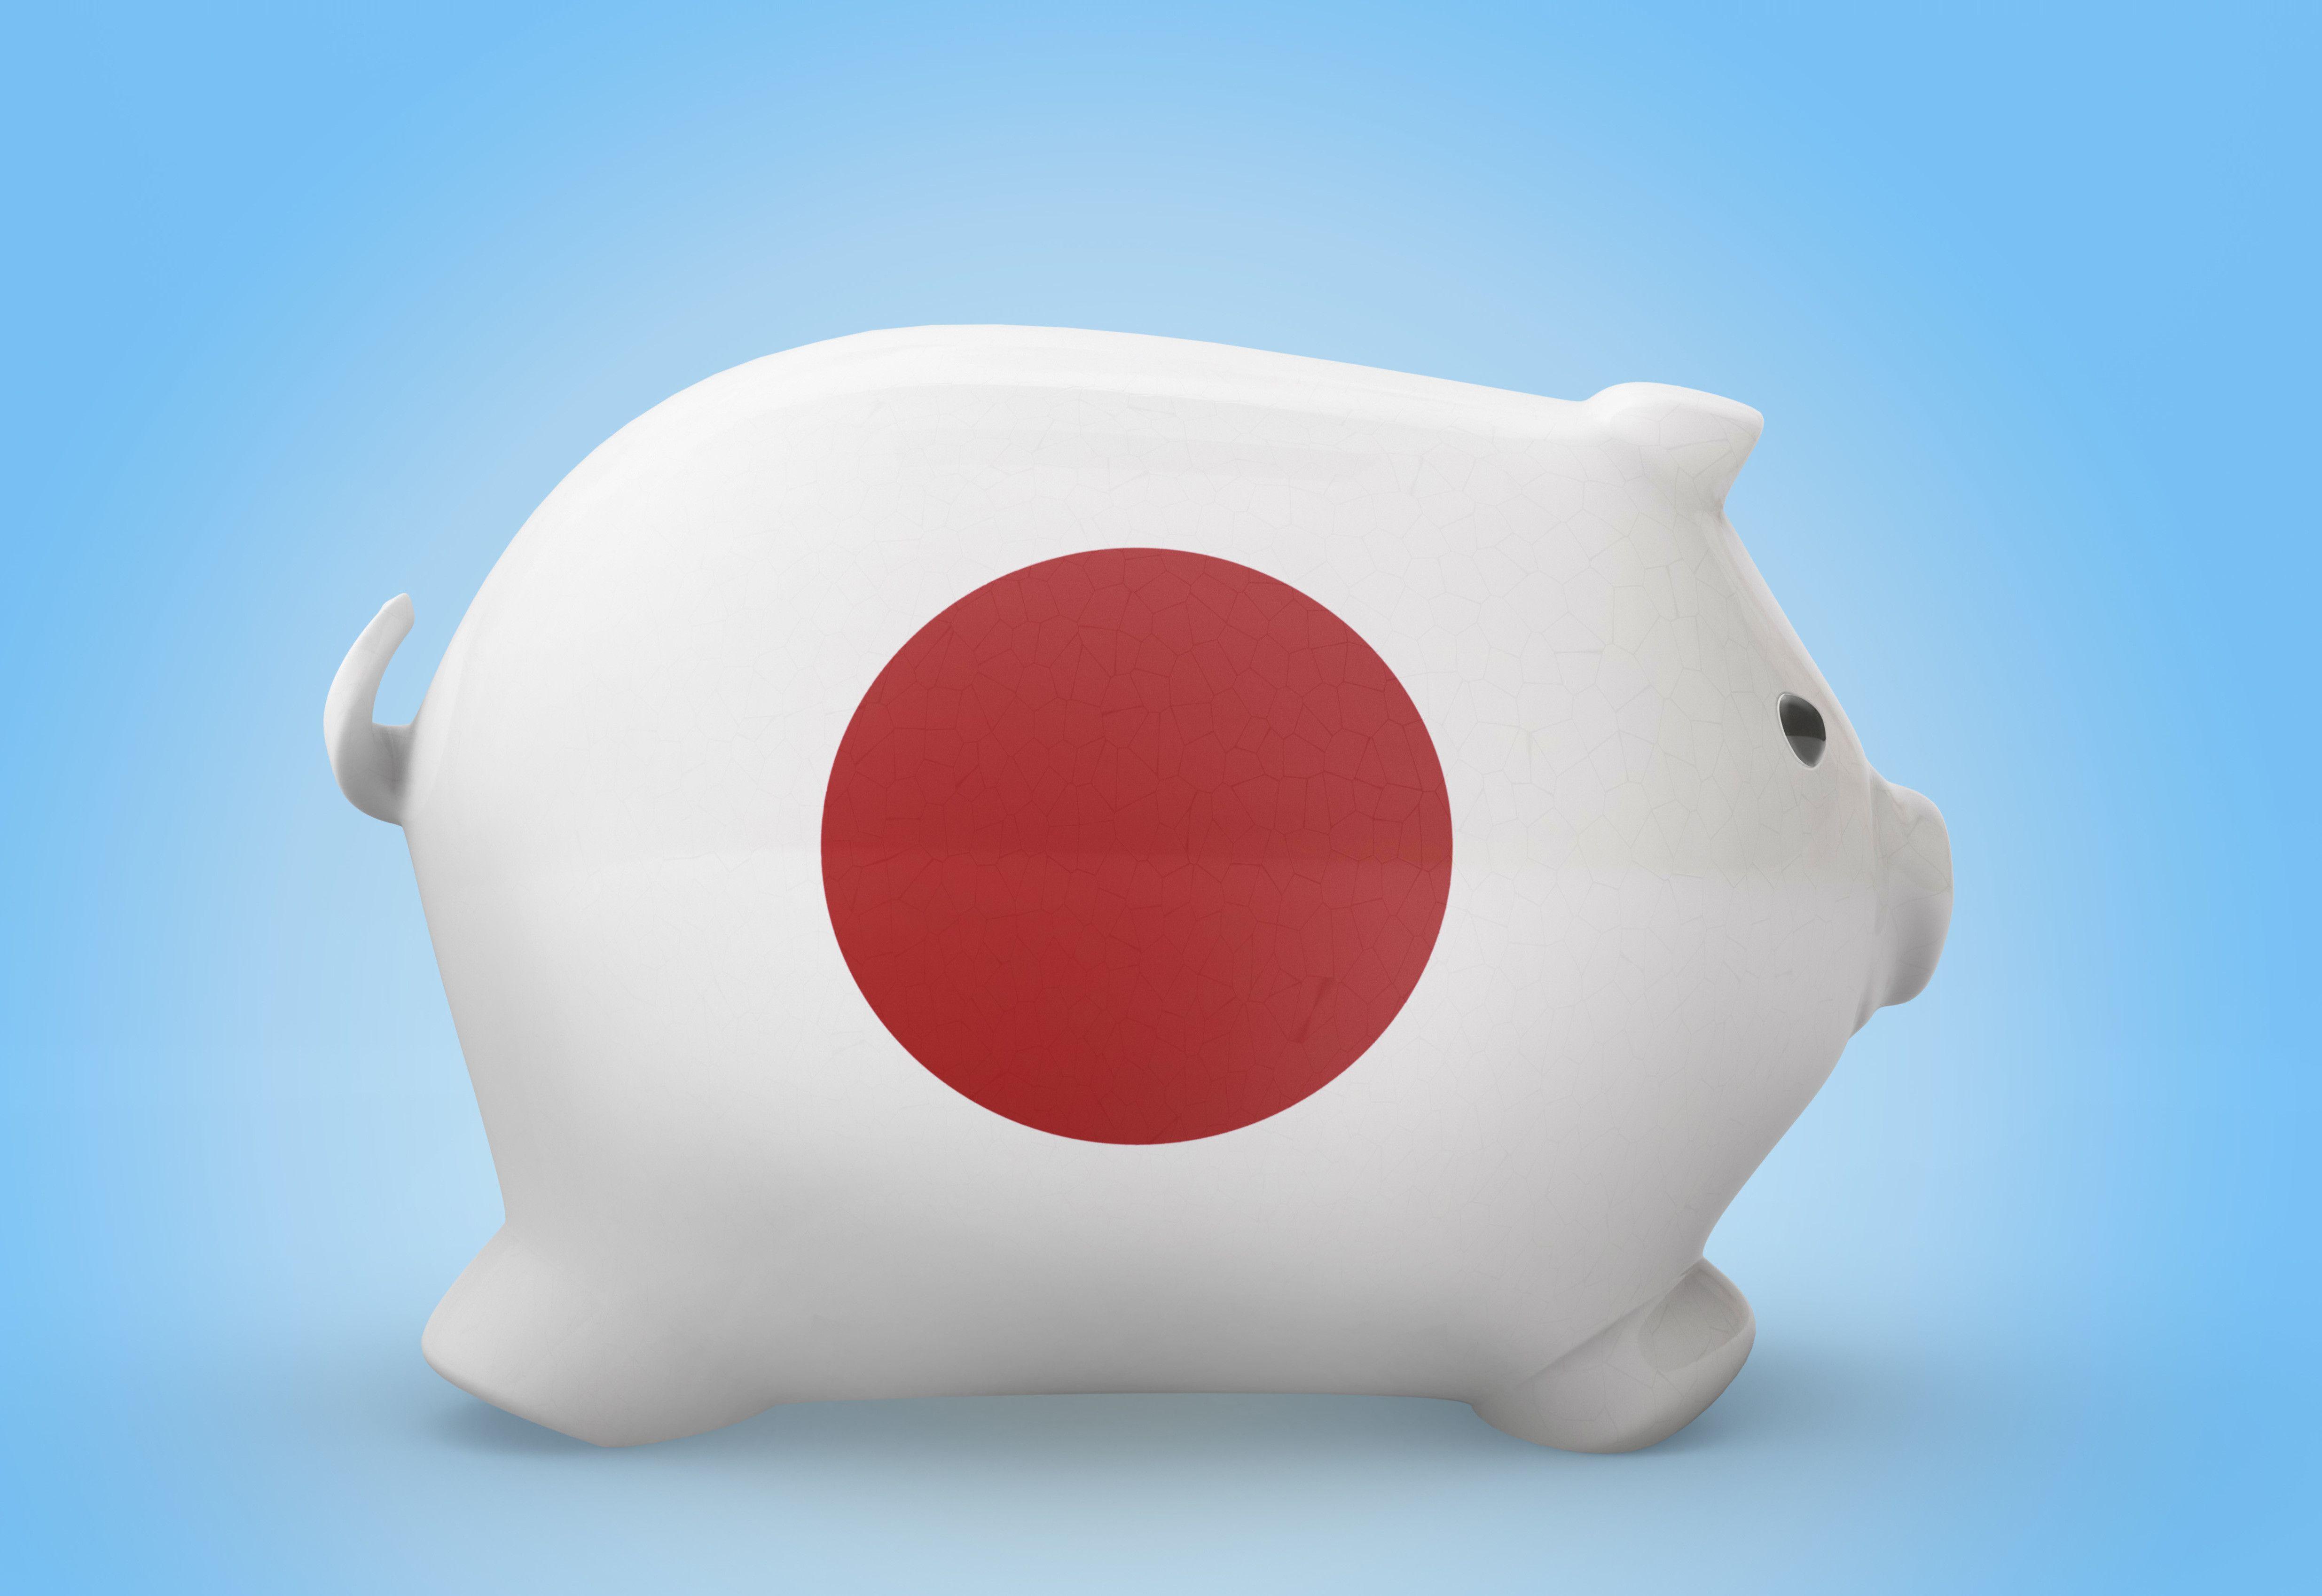 Japonijos finansuotojai susidom�jo lietuvi�komis paskolomis